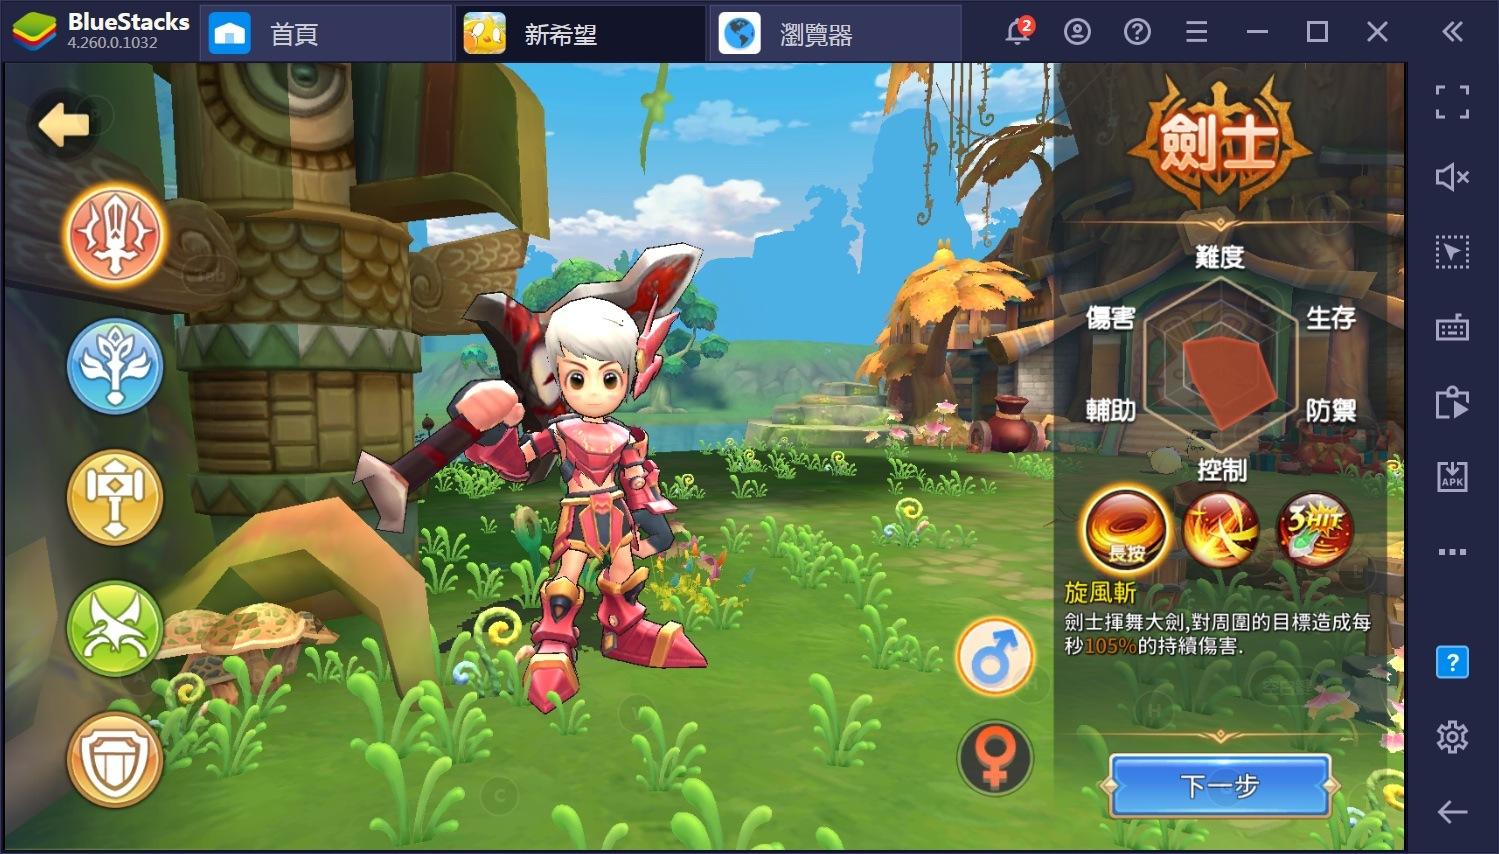 使用BlueStacks在PC上玩MMORPG手機遊戲《新希望》